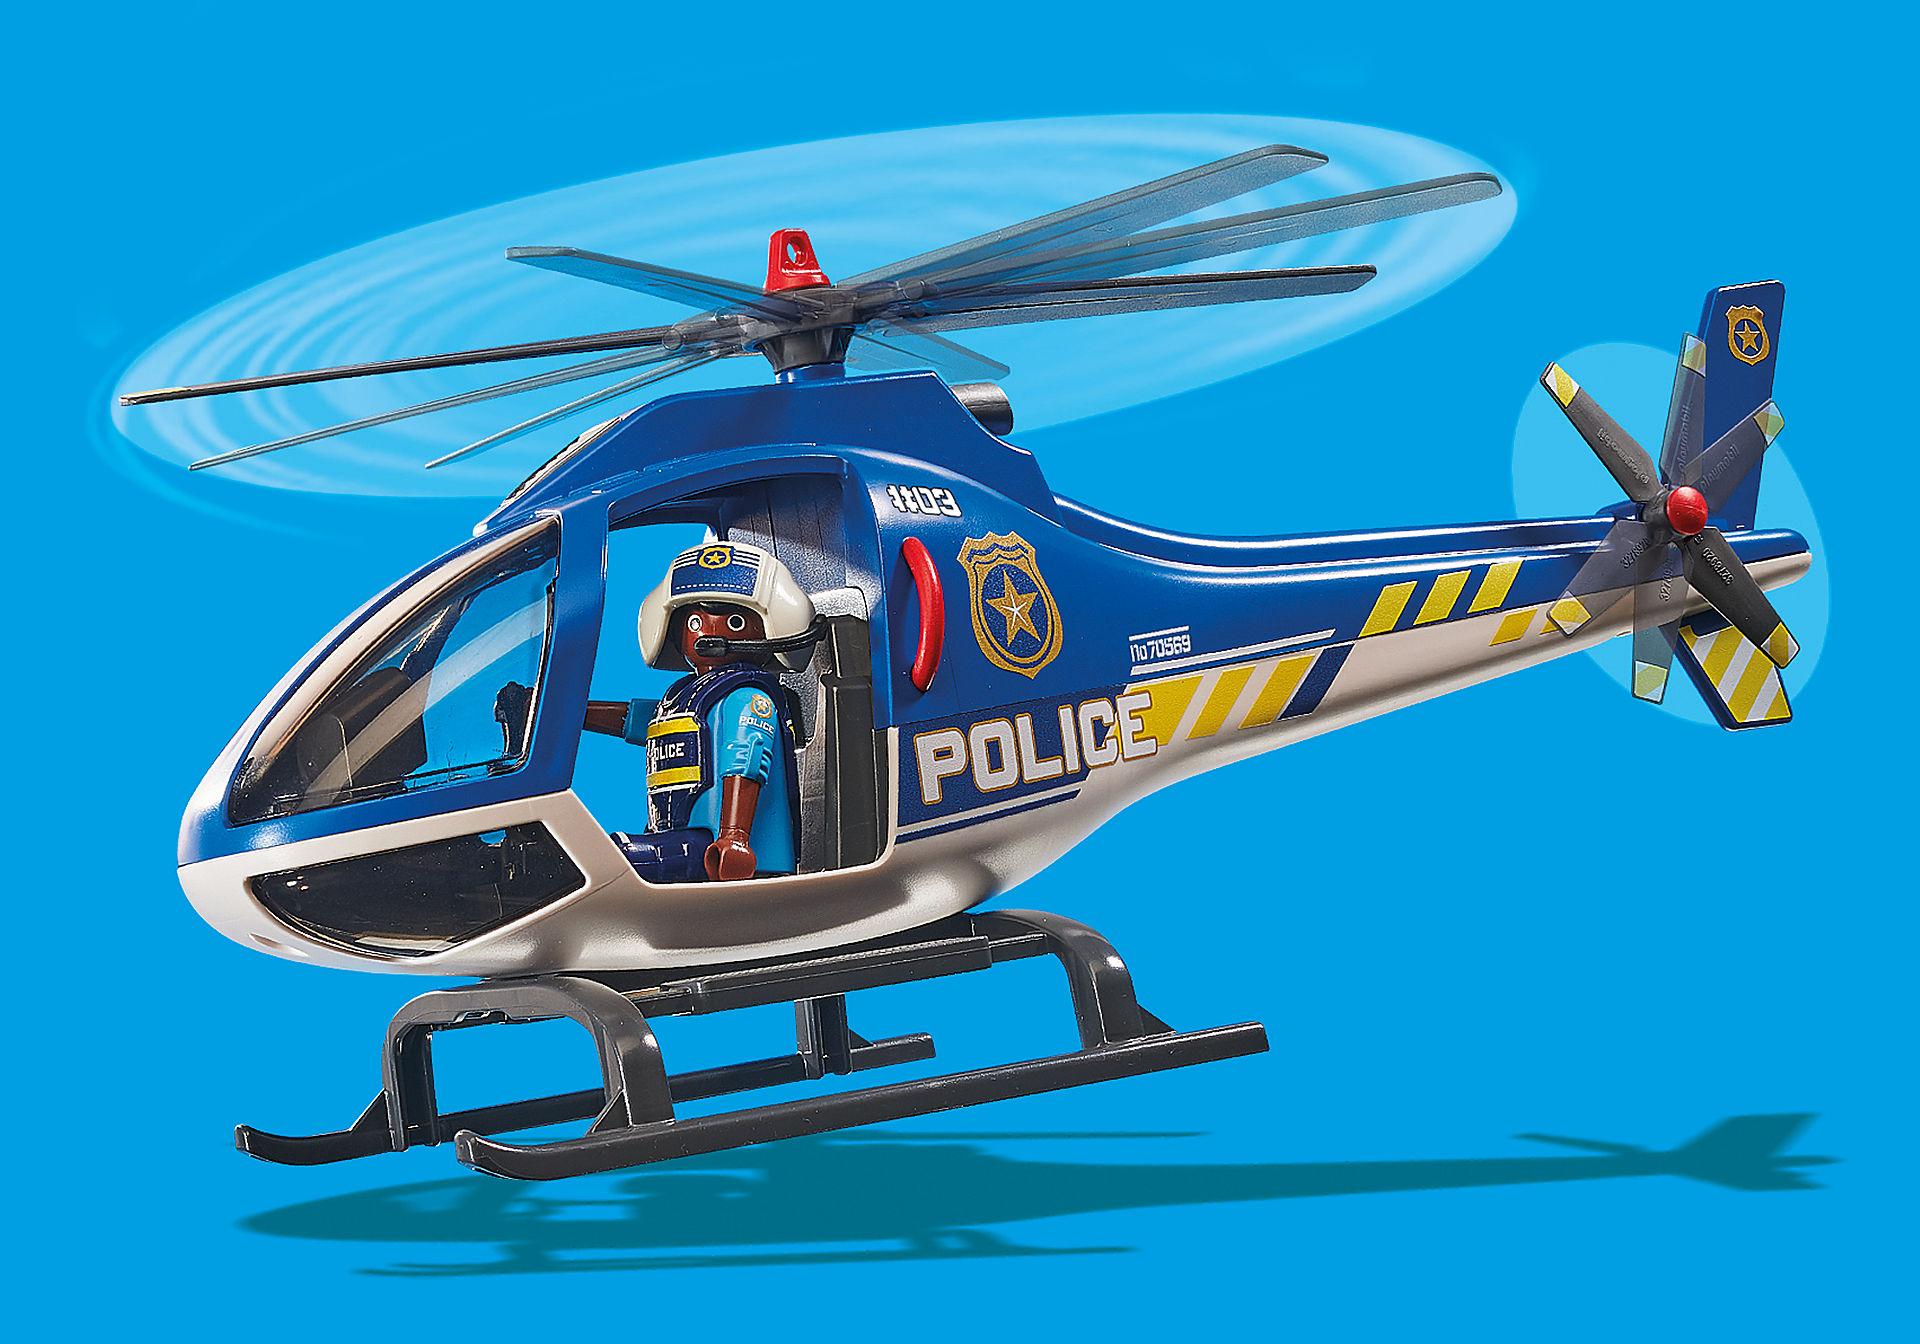 70569 Polizei-Hubschrauber: Fallschirm-Verfolgung zoom image7